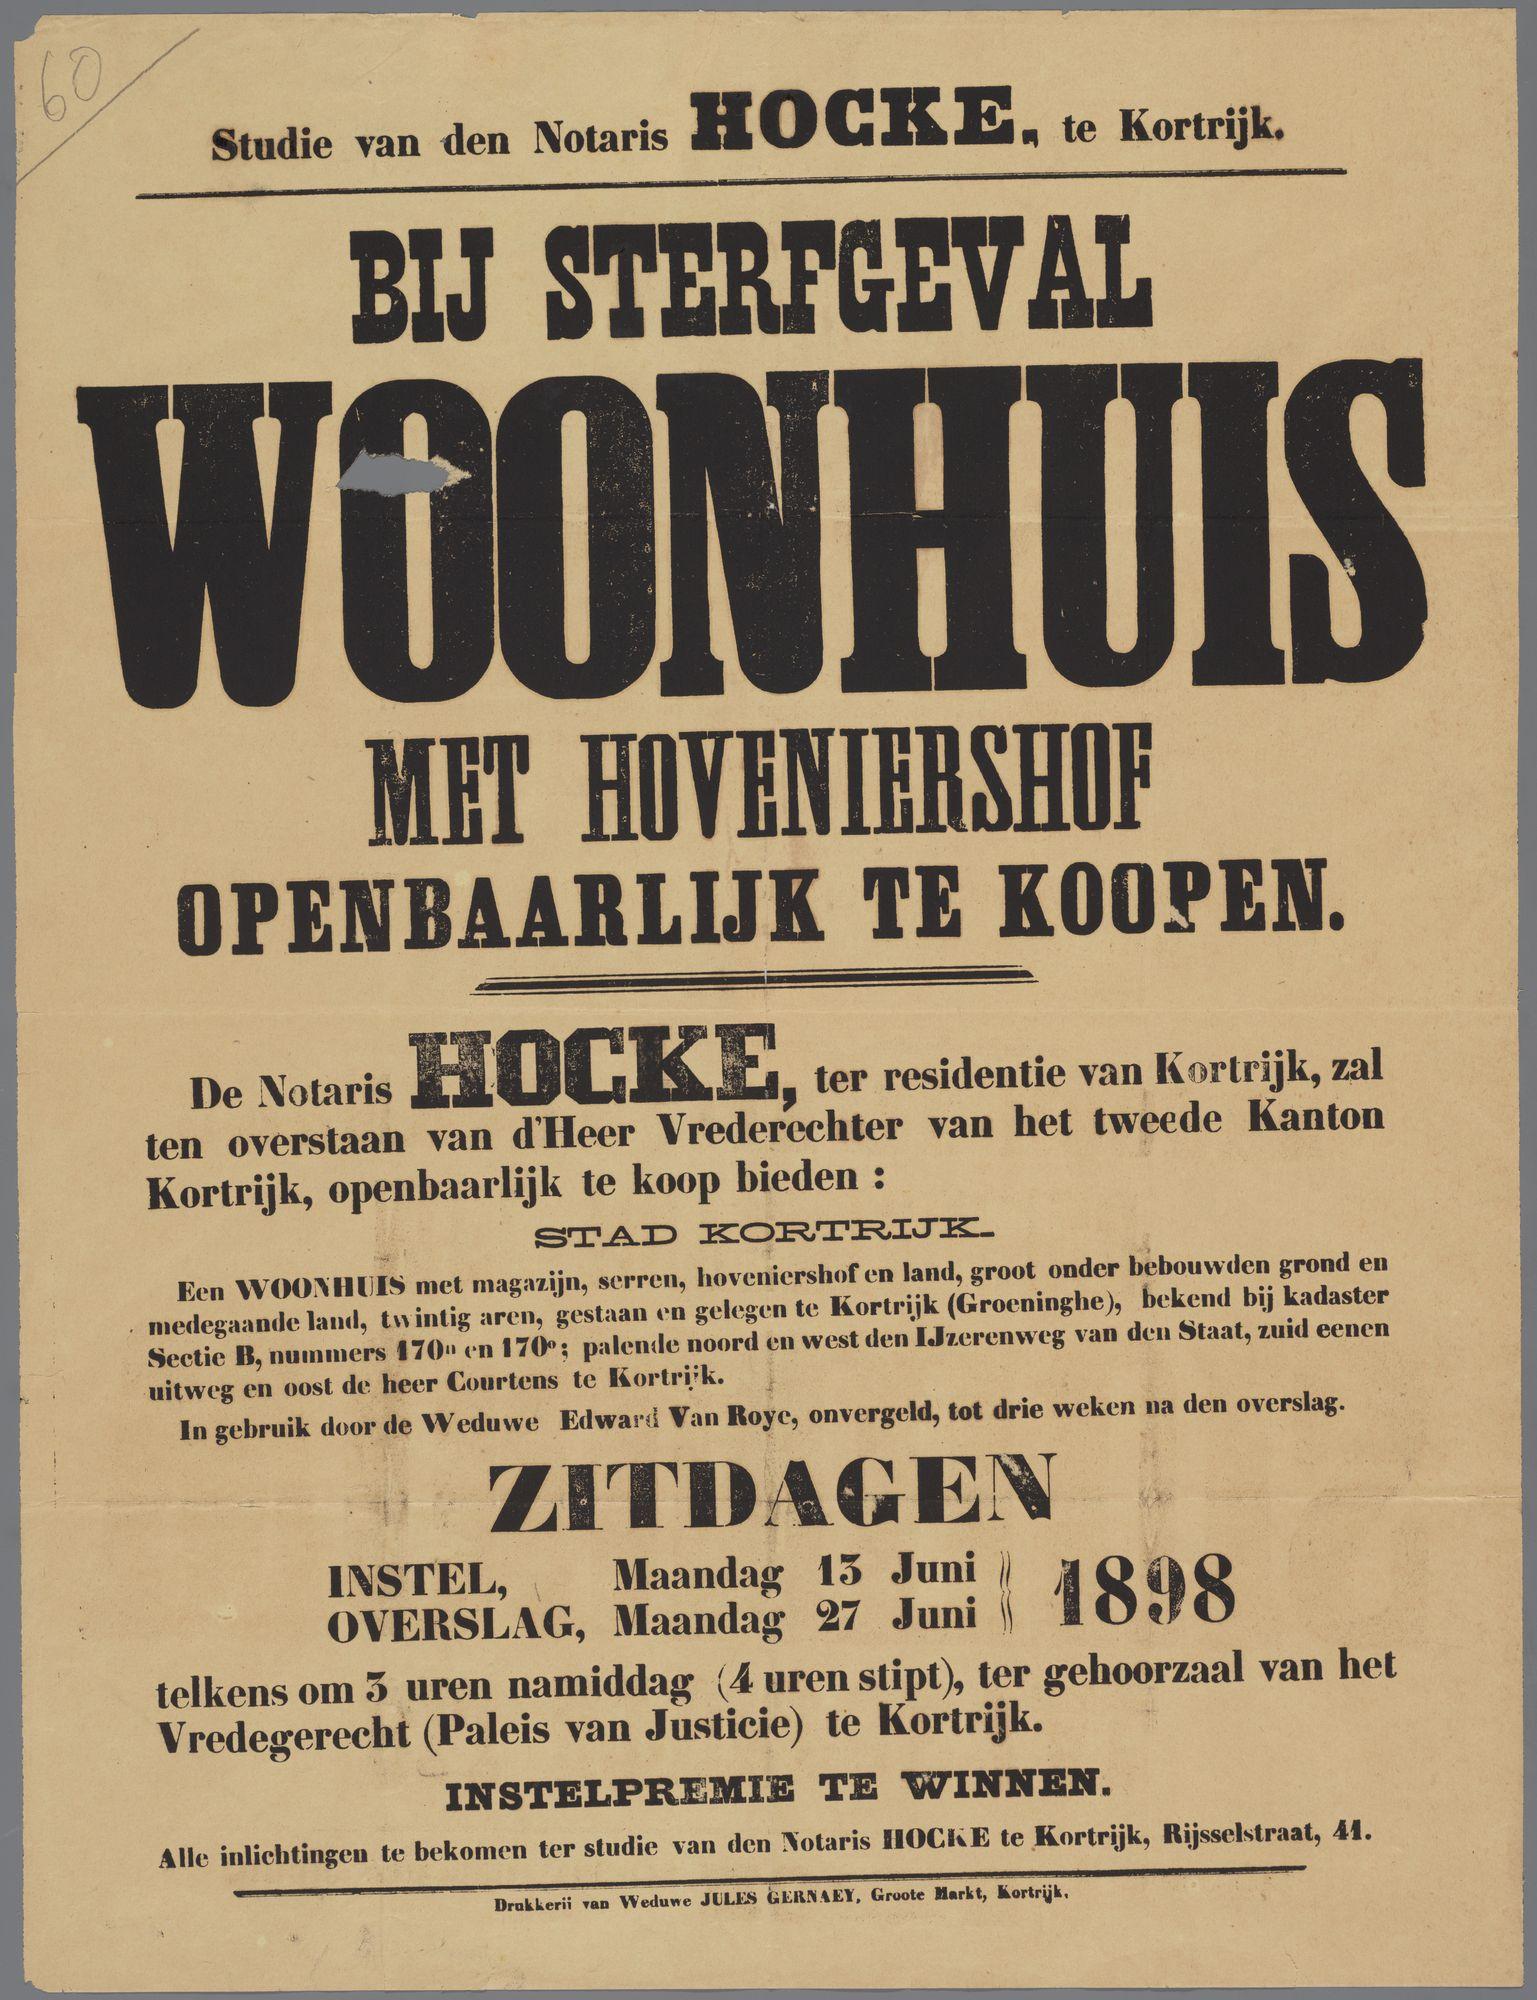 Verkoop woonhuis te Kortrijk 1898